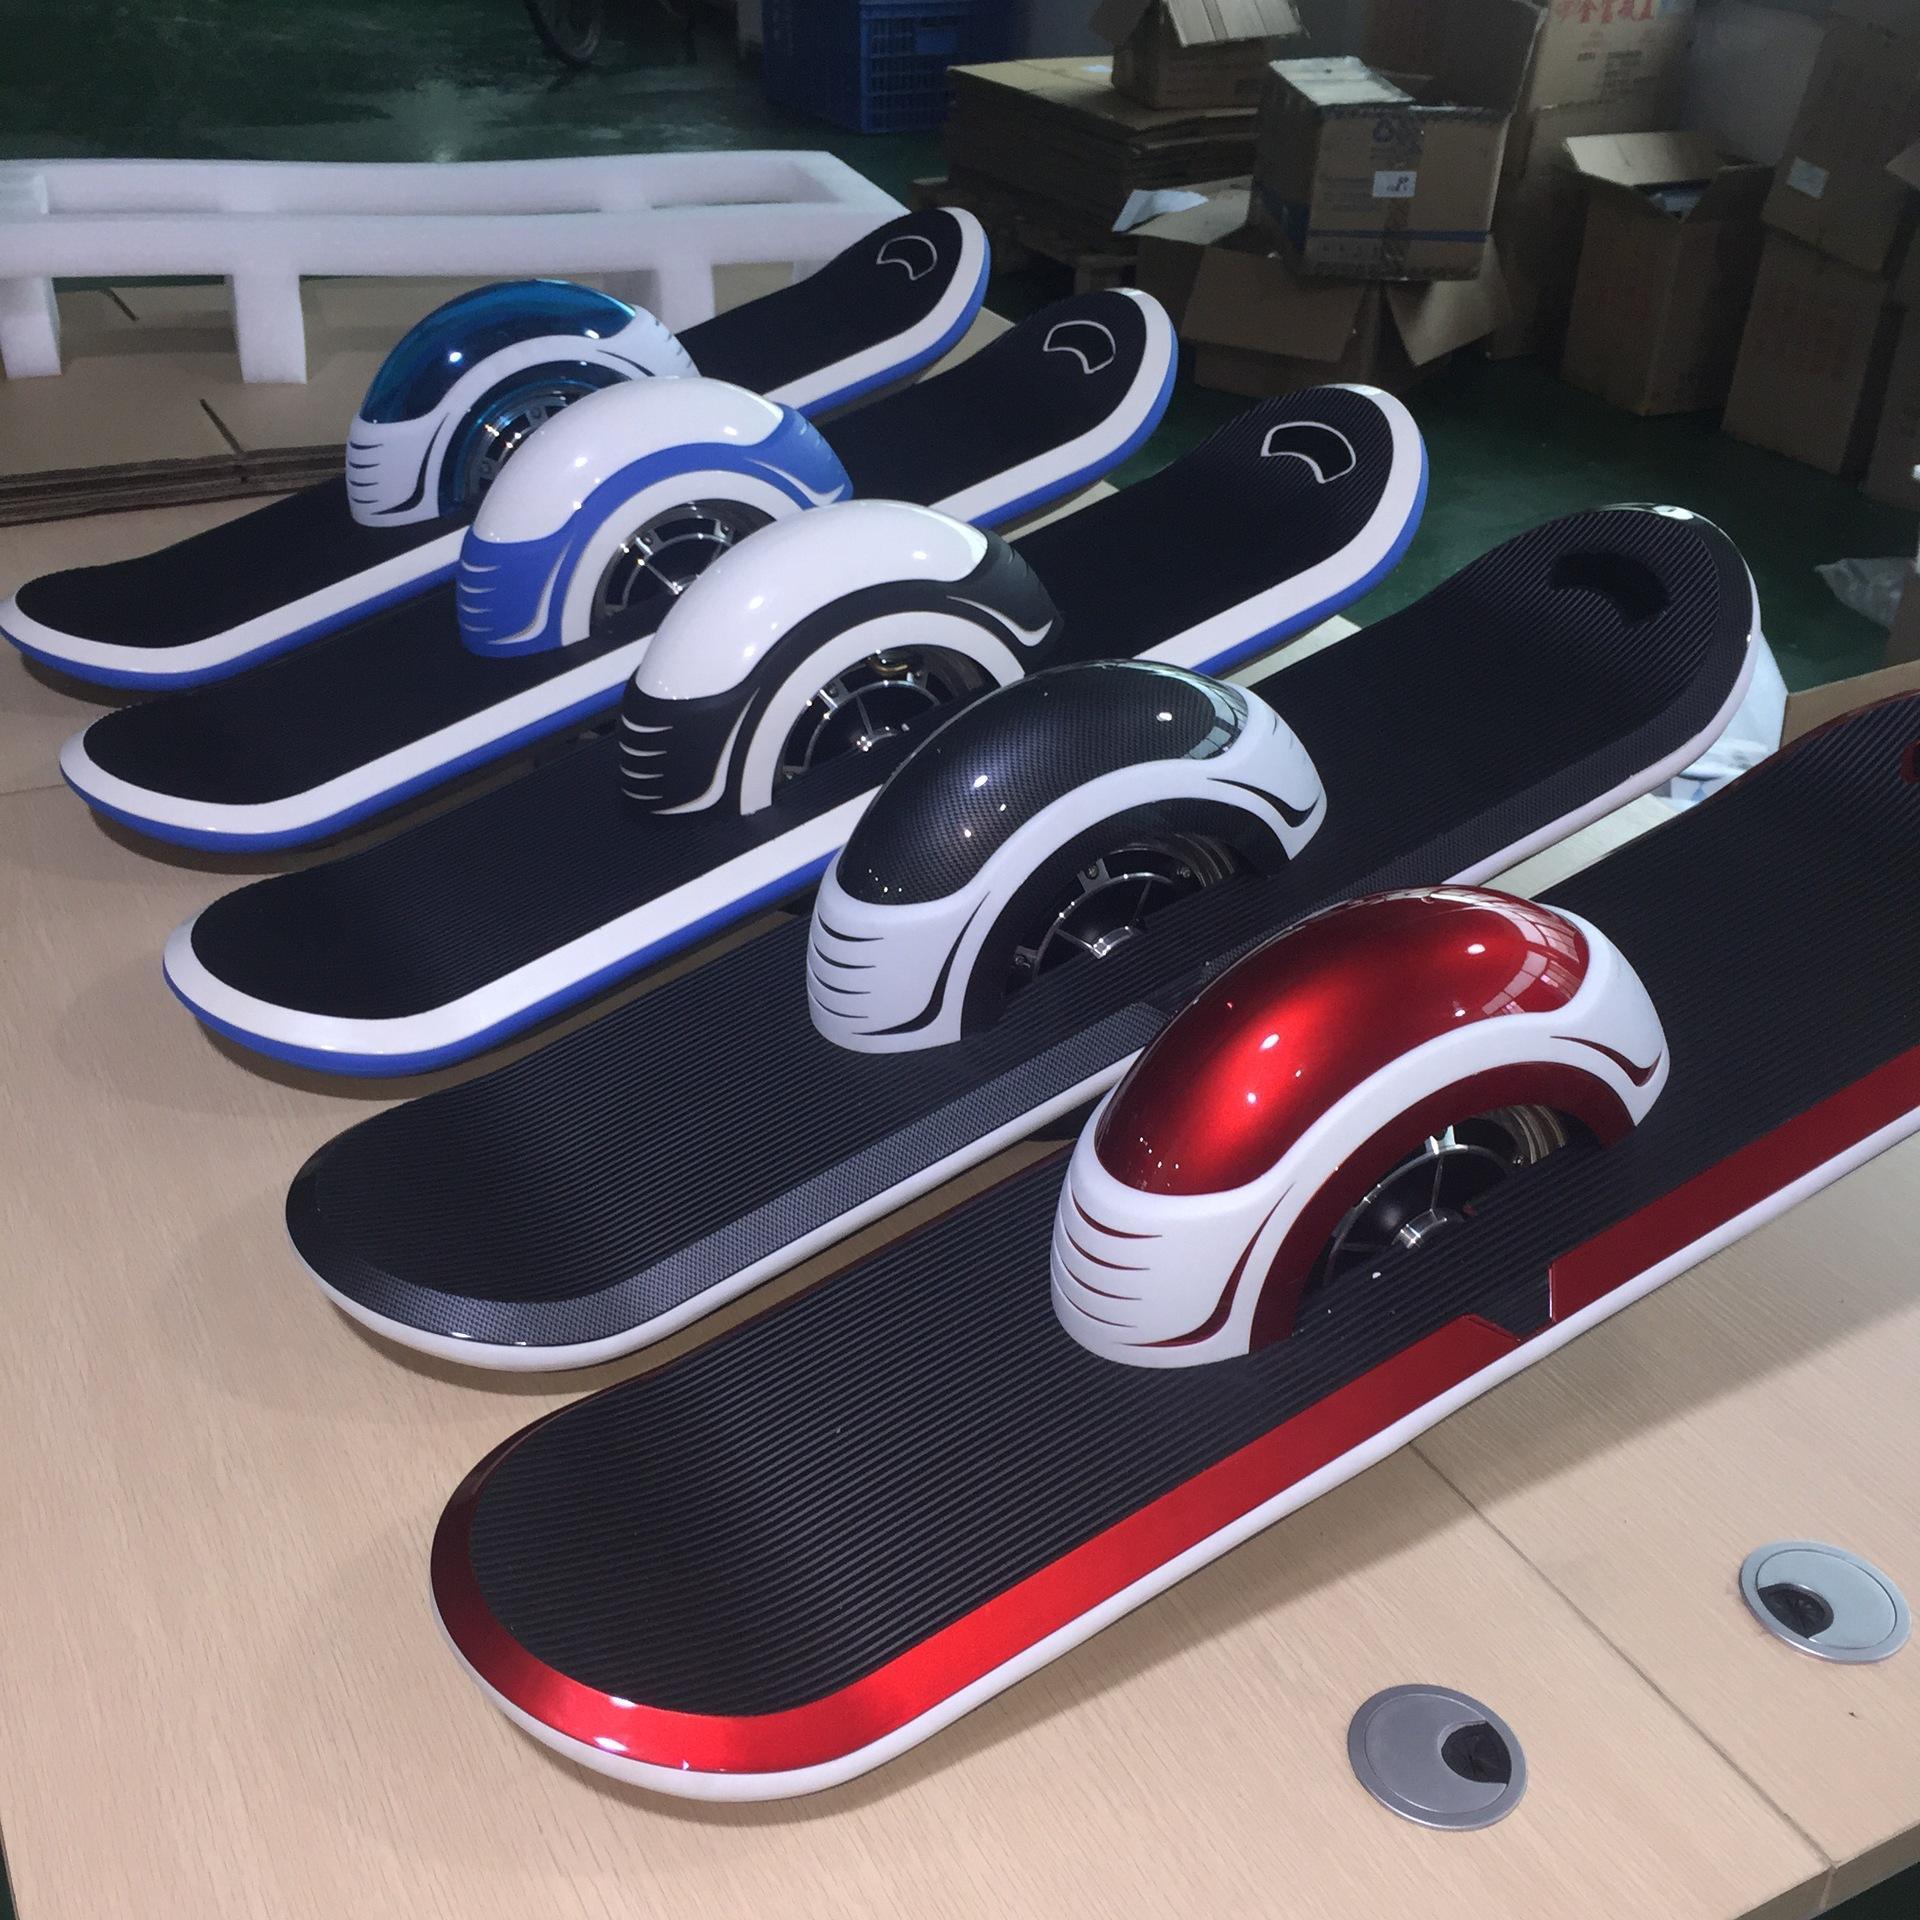 Schema Elettrico Hoverboard : Acquista nuova batteria samsung 10inch una ruota elettrico scooter